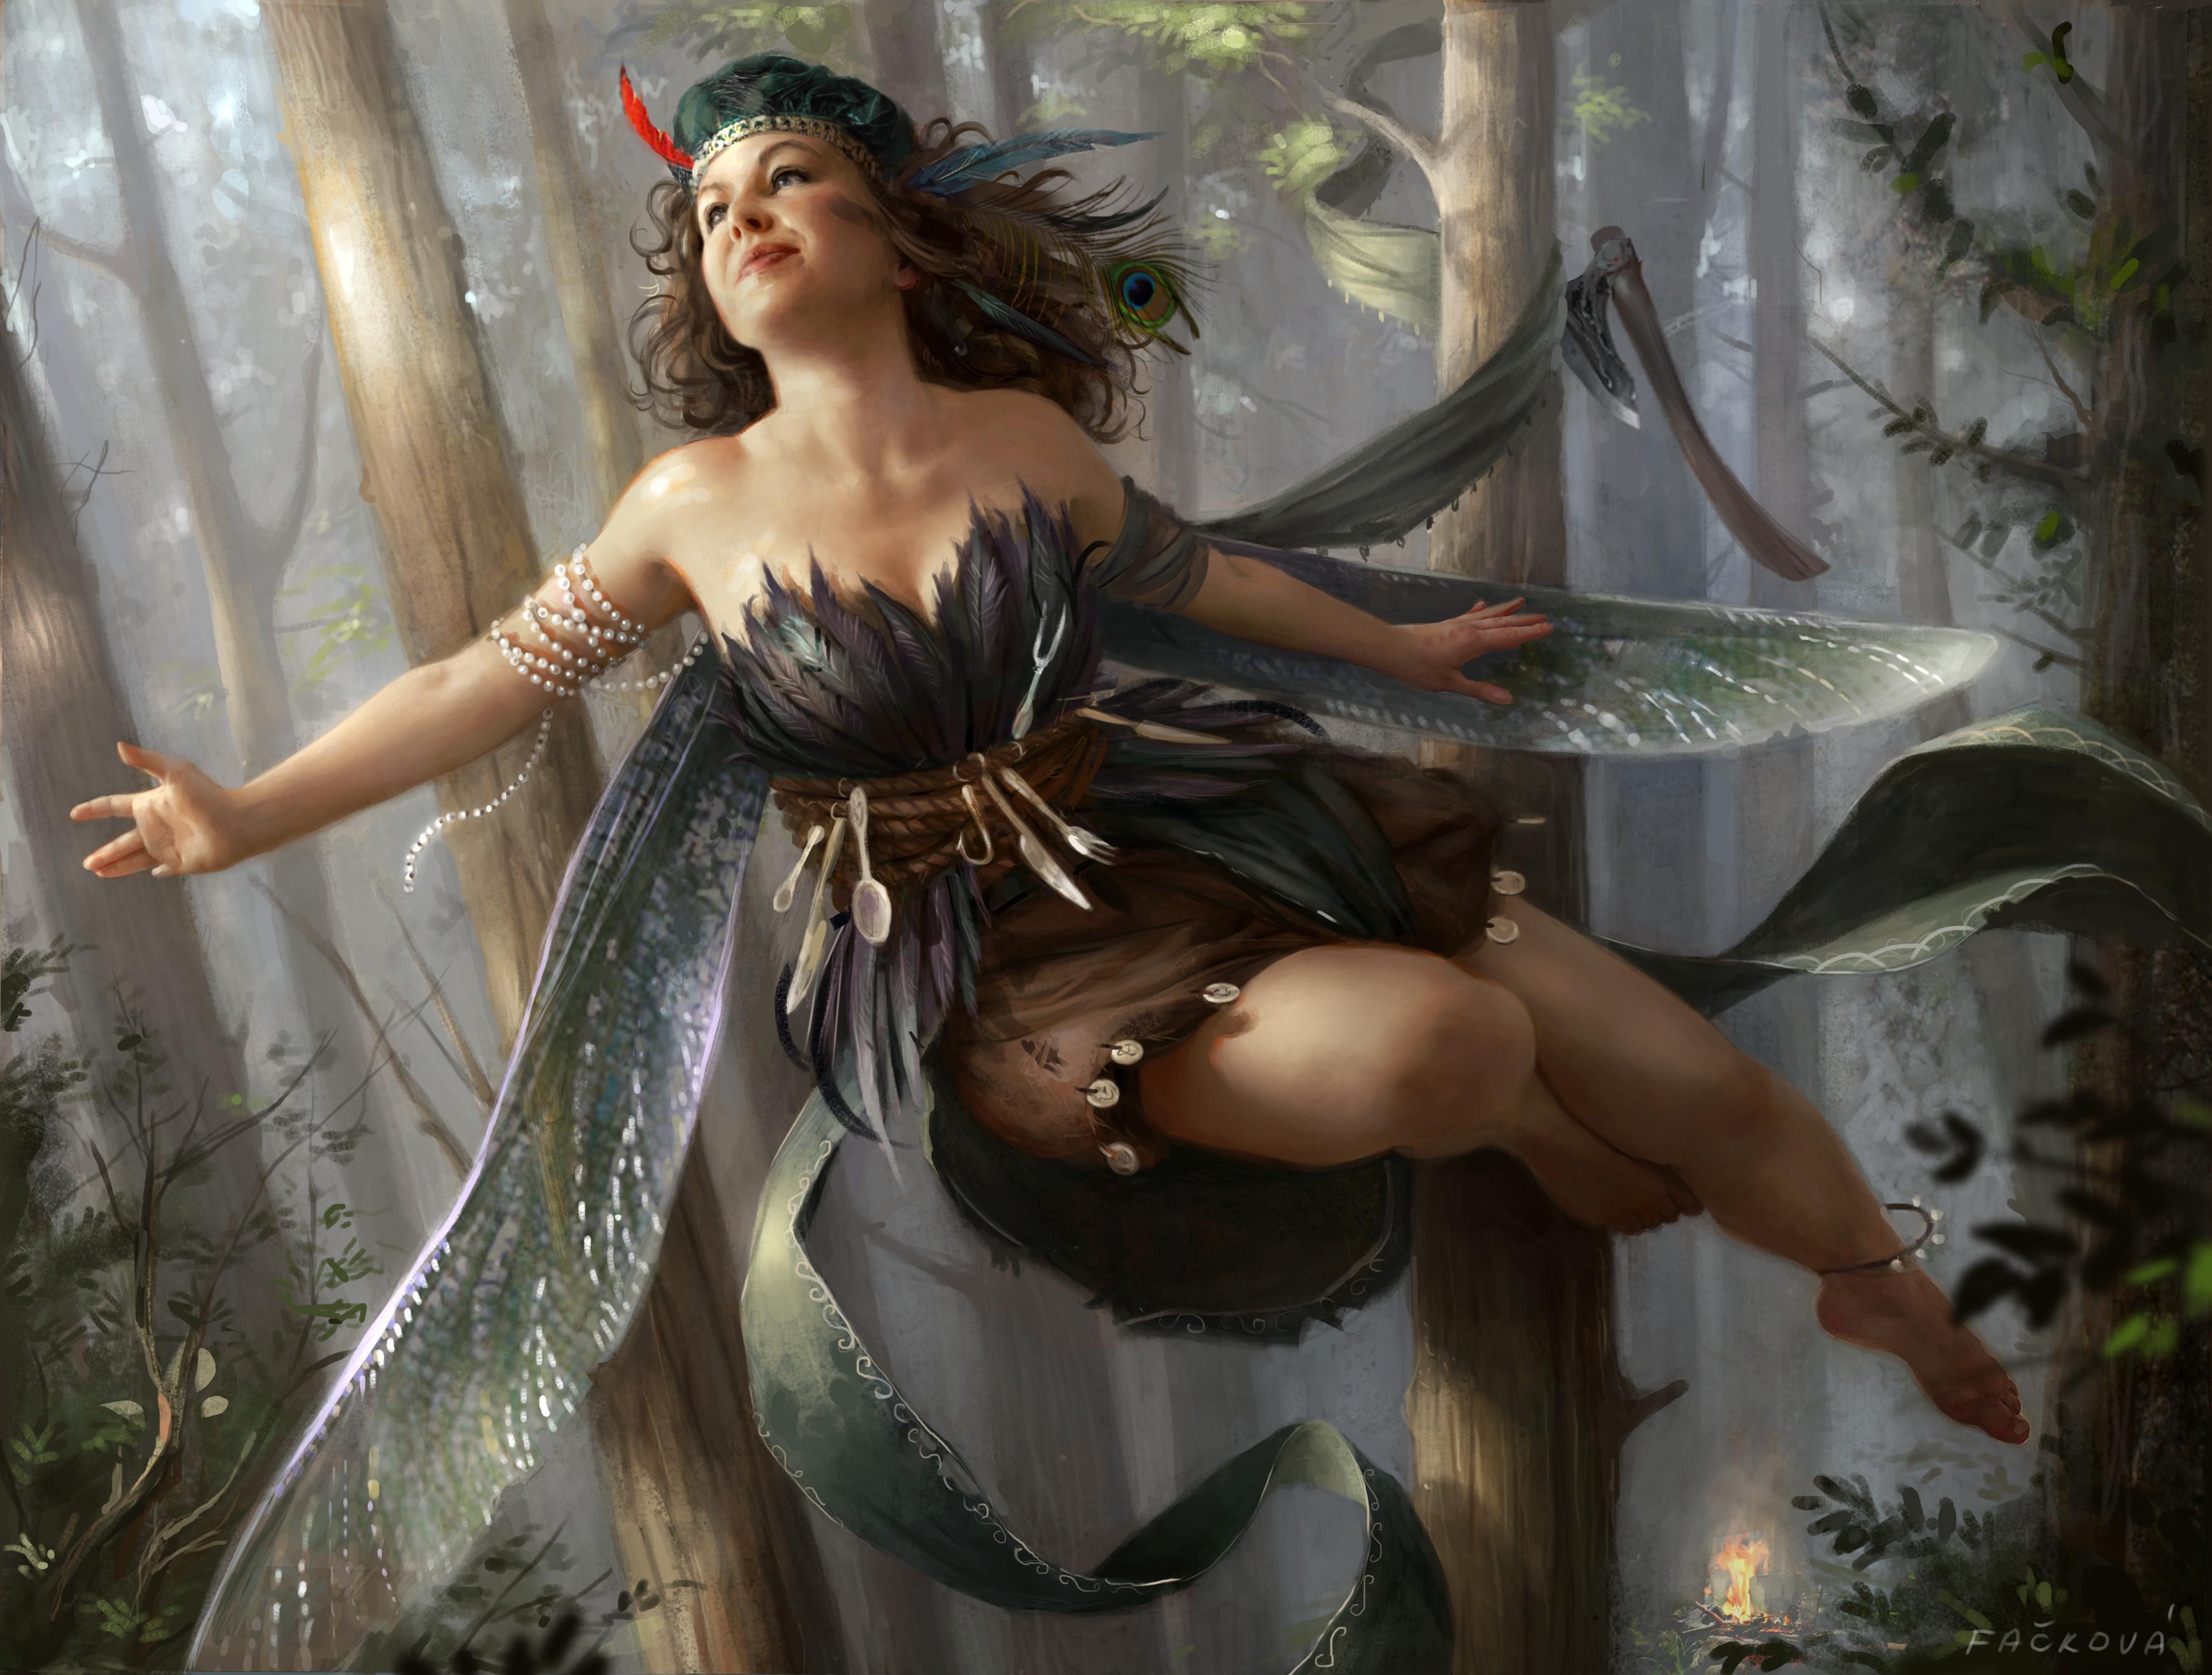 Mischaveous fairy